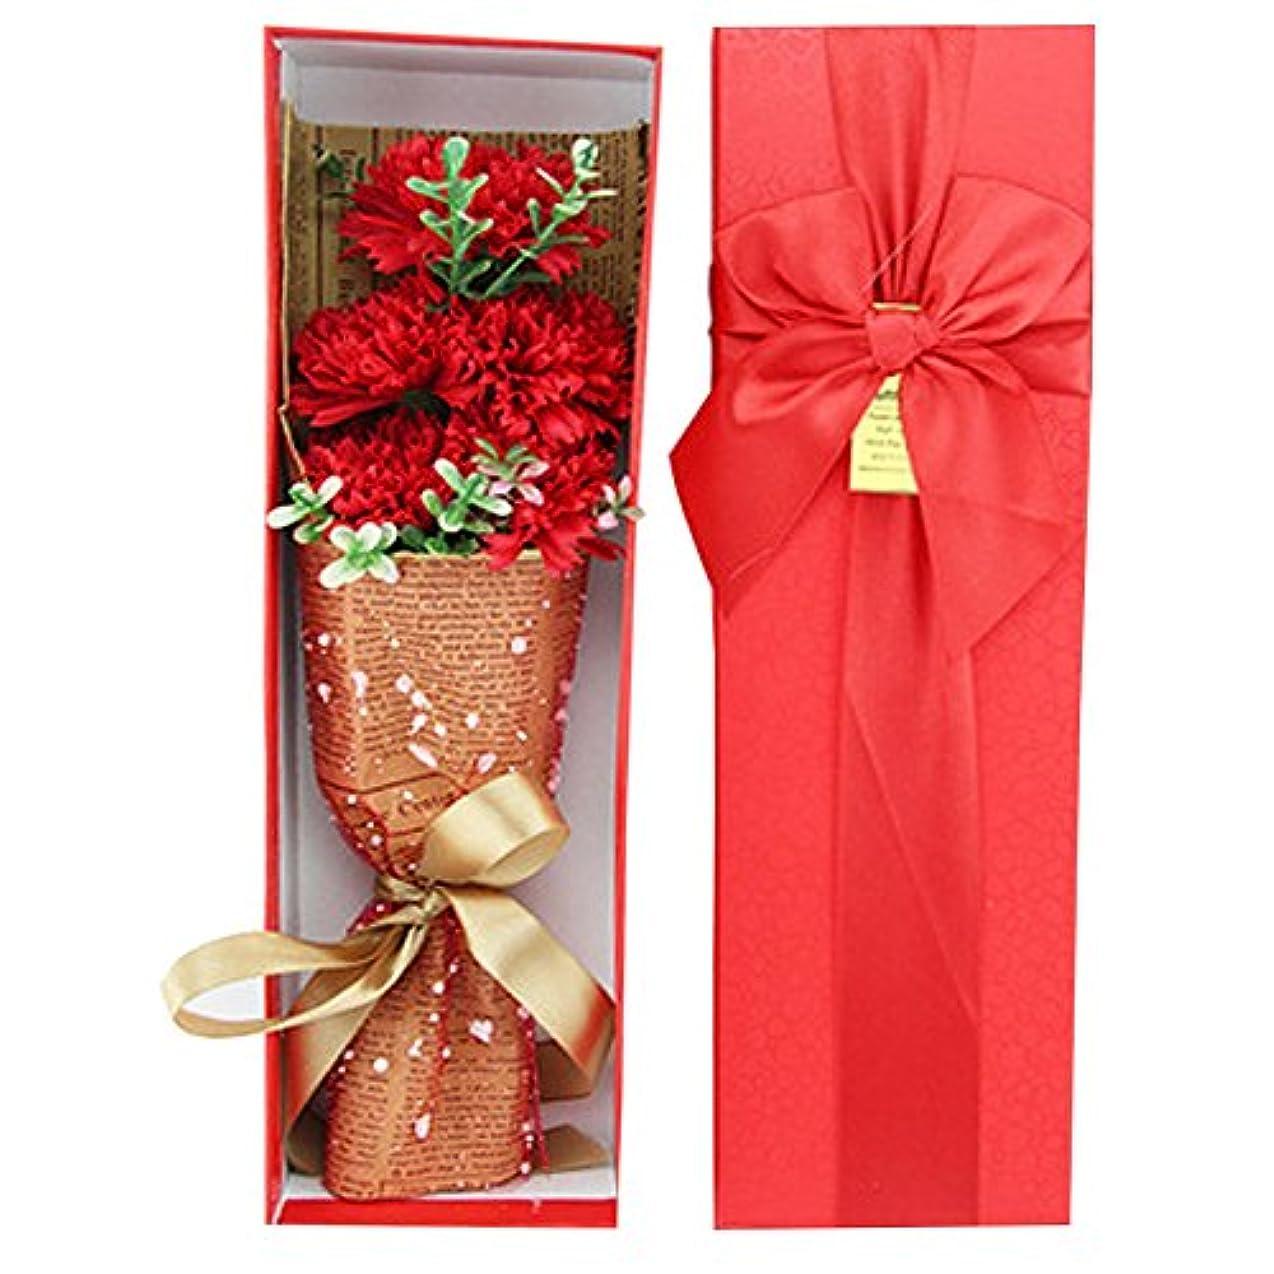 トリプルアフリカ人相手iCoole ソープフラワー 石鹸花 ハードフラワー形状 ギフトボックス入り 母の日 お誕生日 ギフトなどに最高 (レッド)